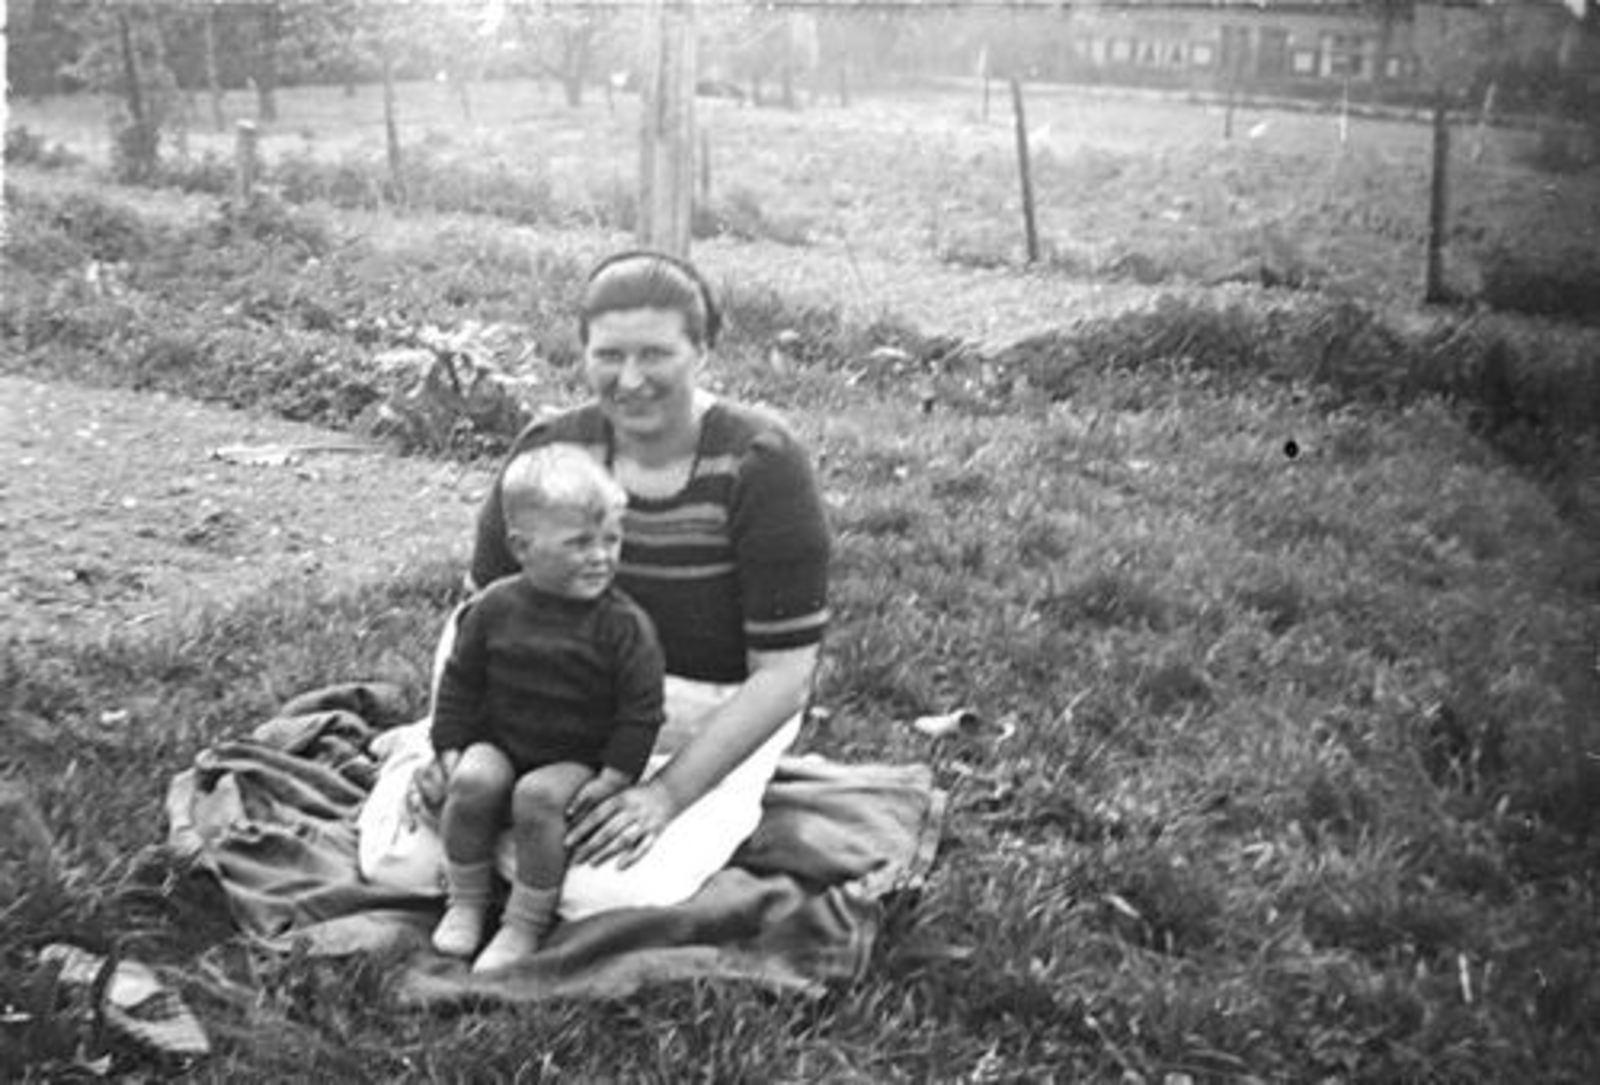 Imanse Jan 1943 1946 op Erf in Kruislaan 04 met Lena Onbekend